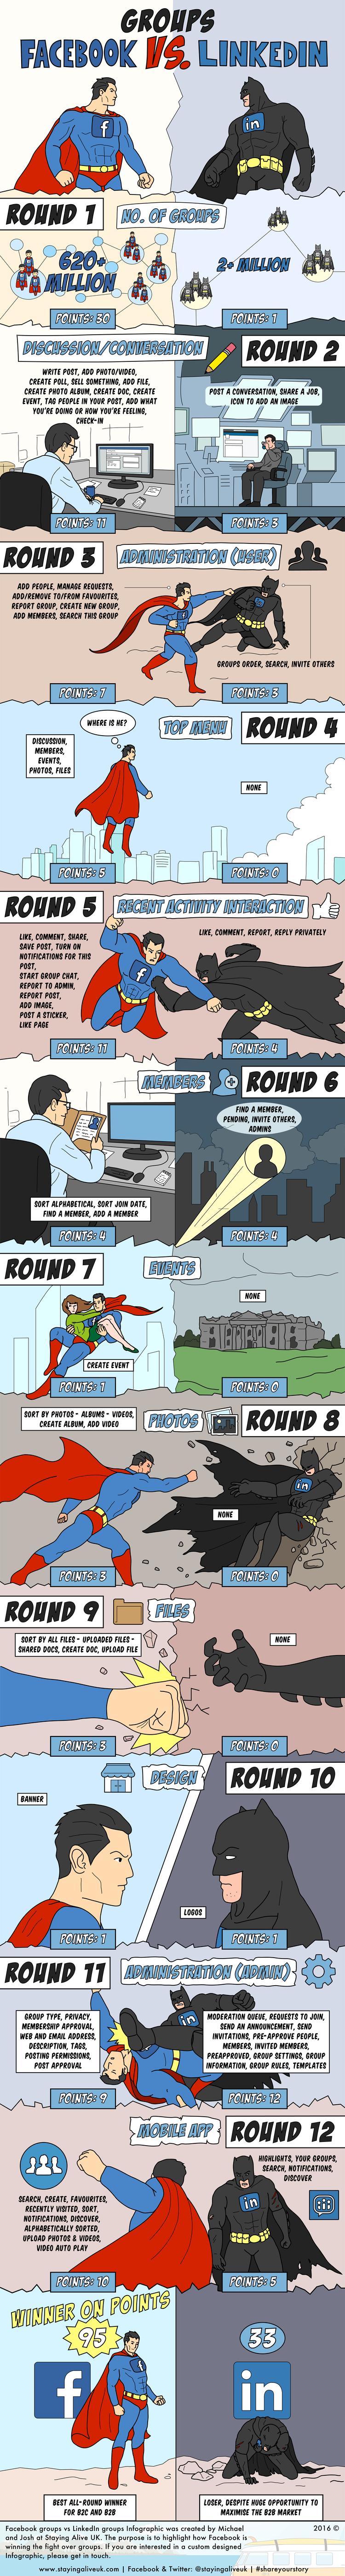 Facebook vs LinkedIn Groups.png